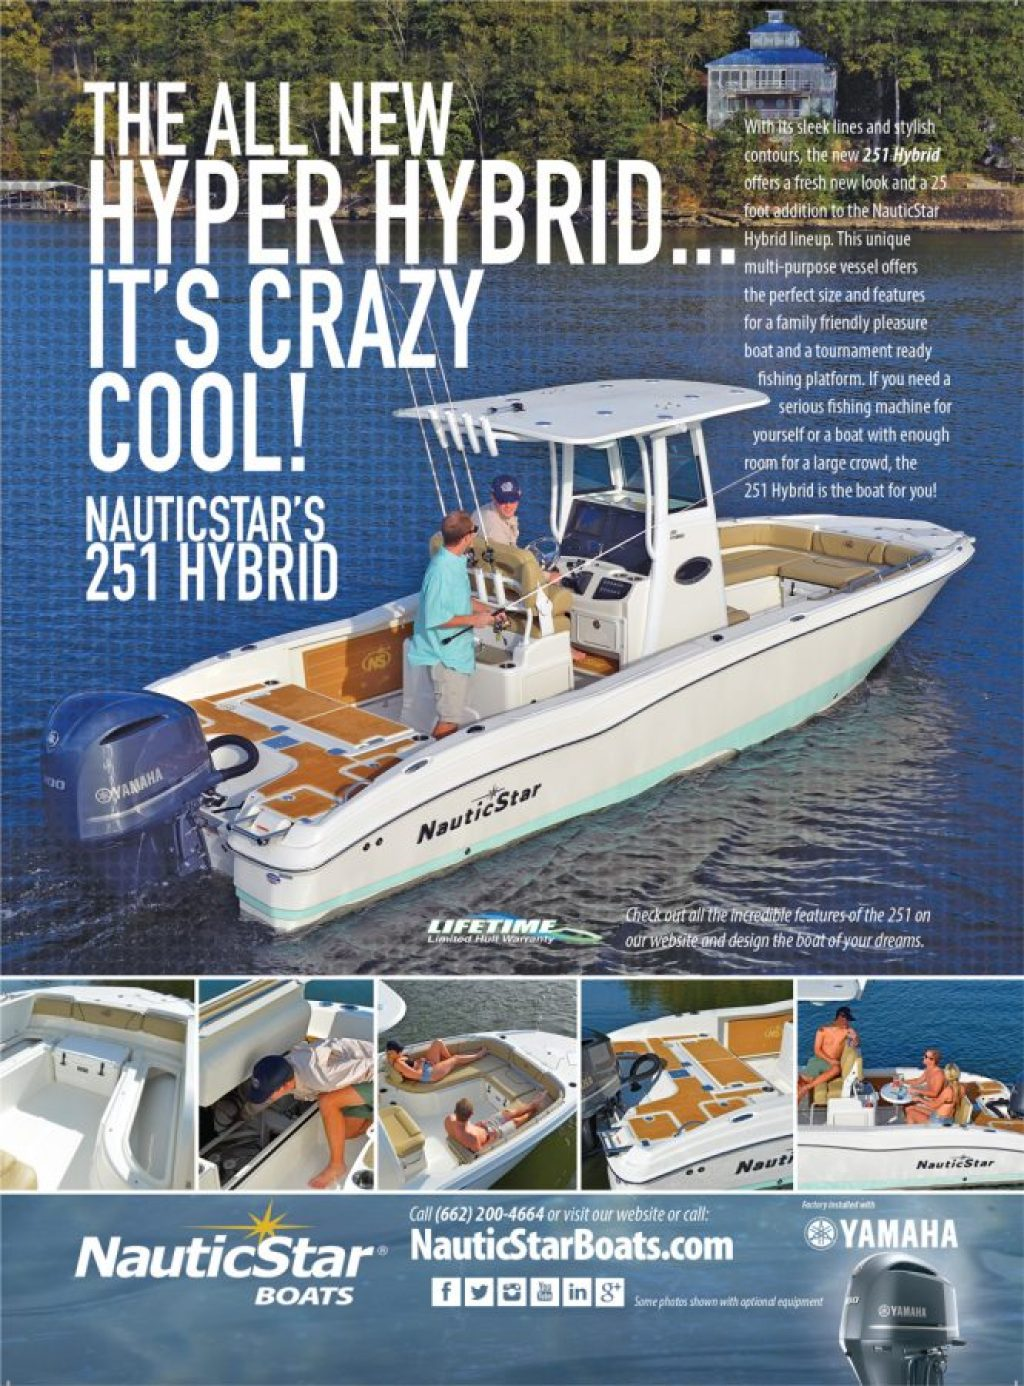 NauticStar Boats